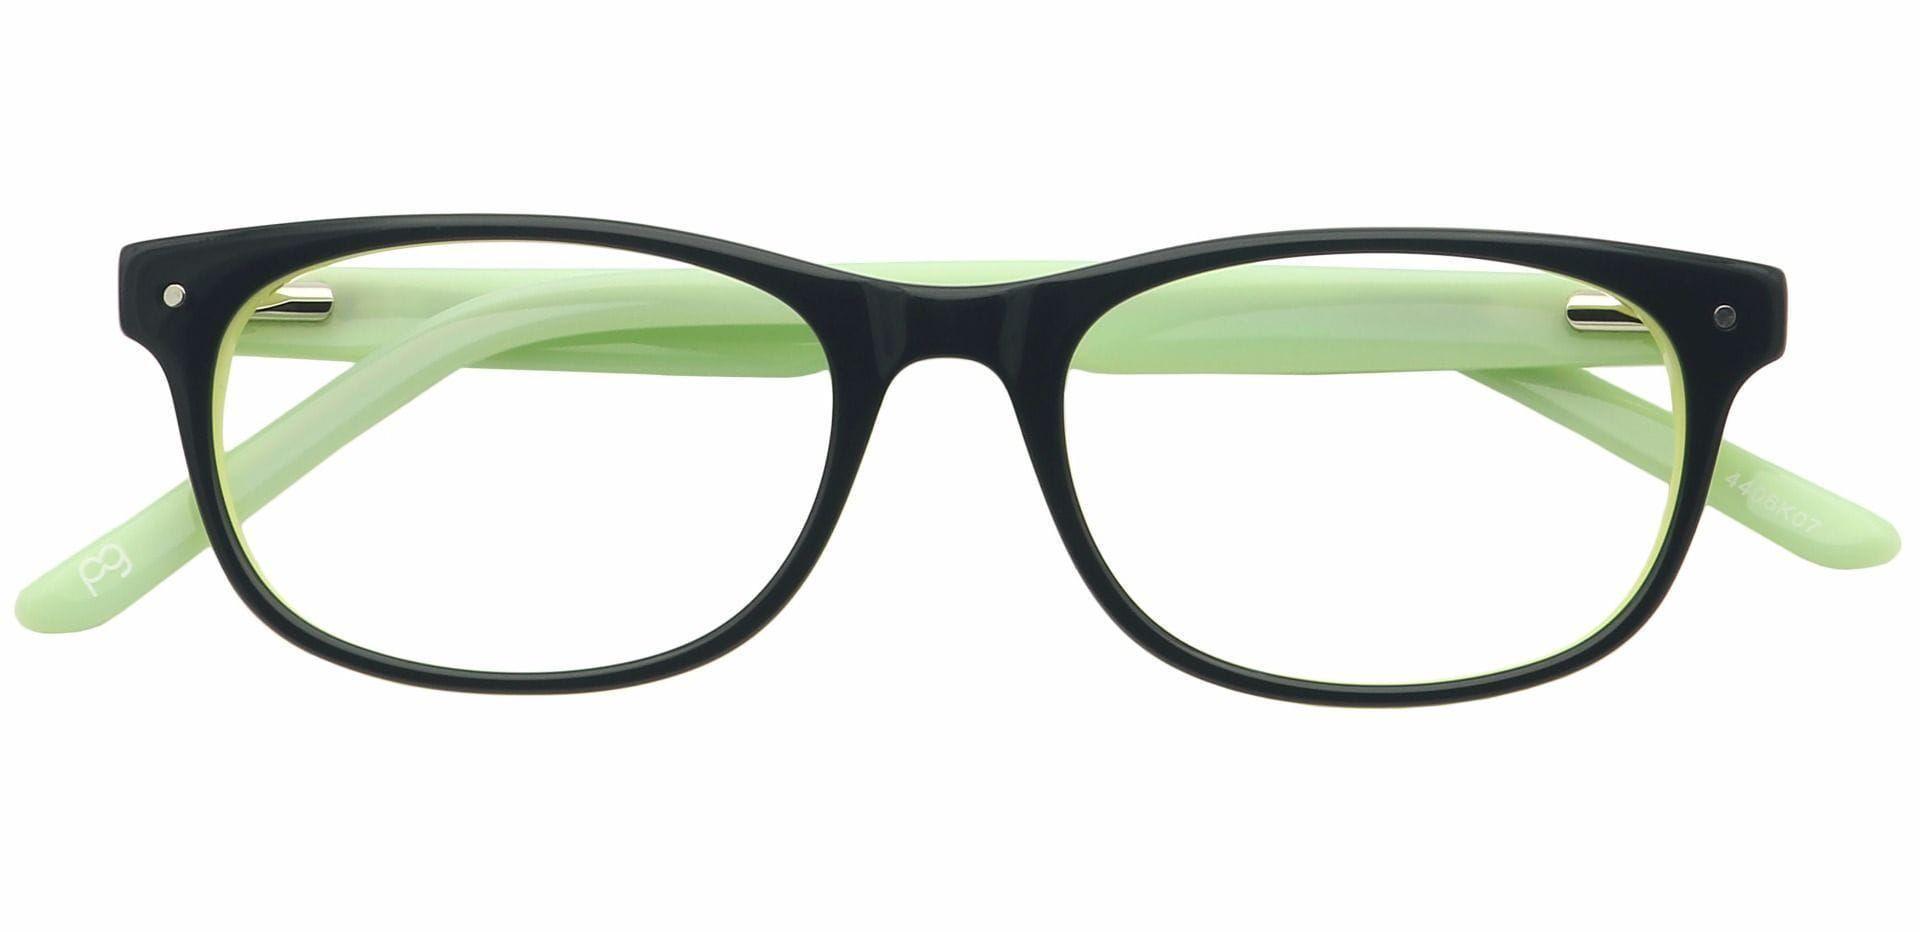 Bonnie Oval Prescription Glasses - Green